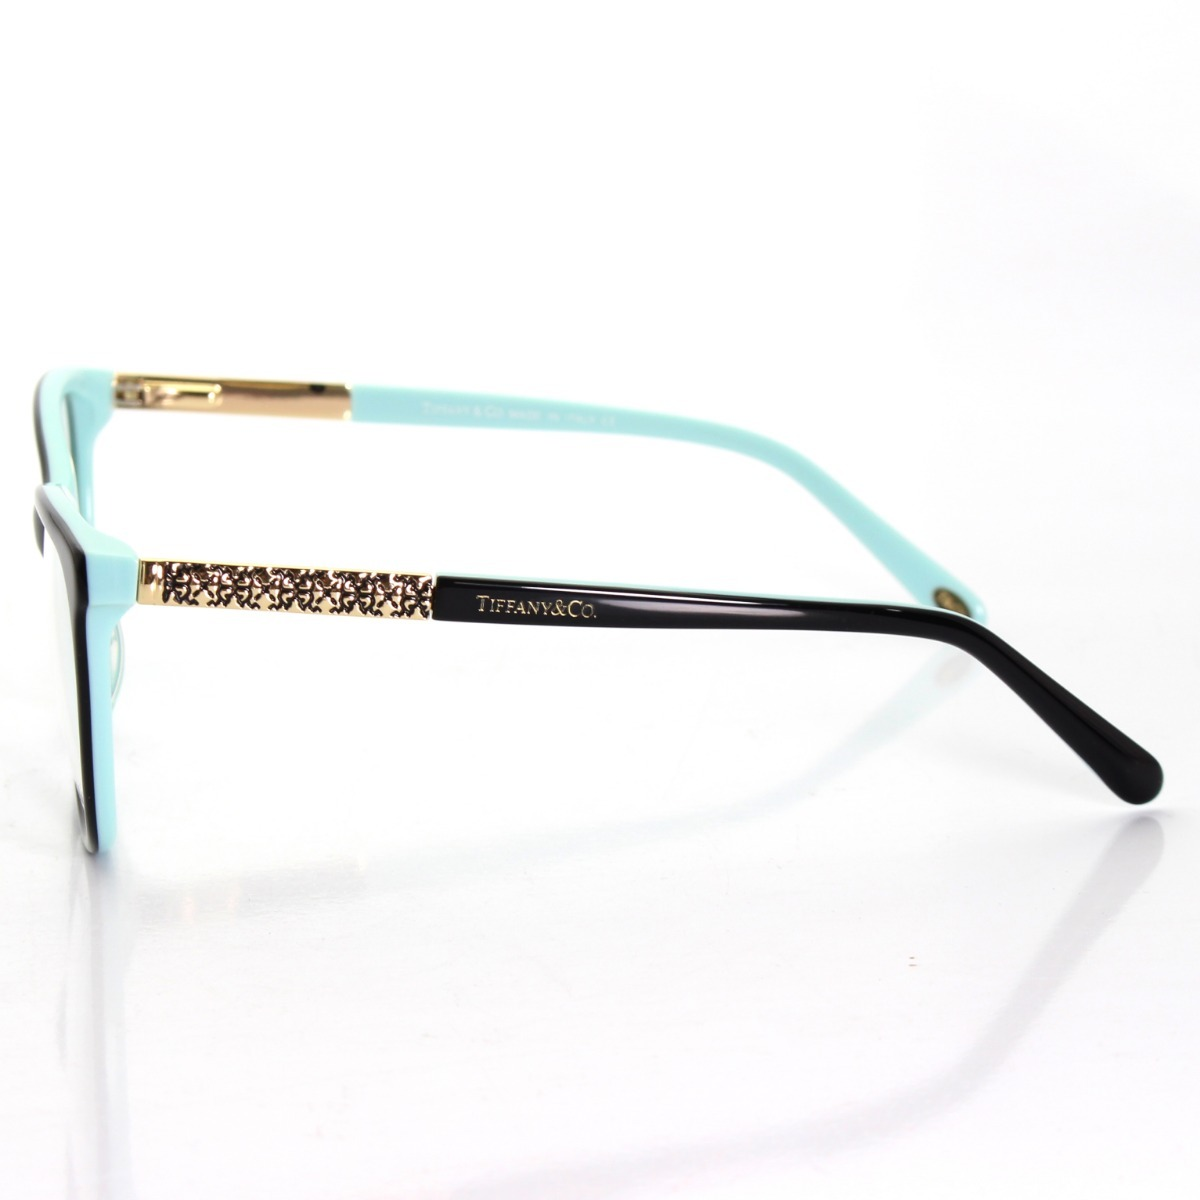 33c5bf34e2d9a Armação Oculos De Grau Tiffany   Co. Tf2099 Acetato - R  129,90 em ...